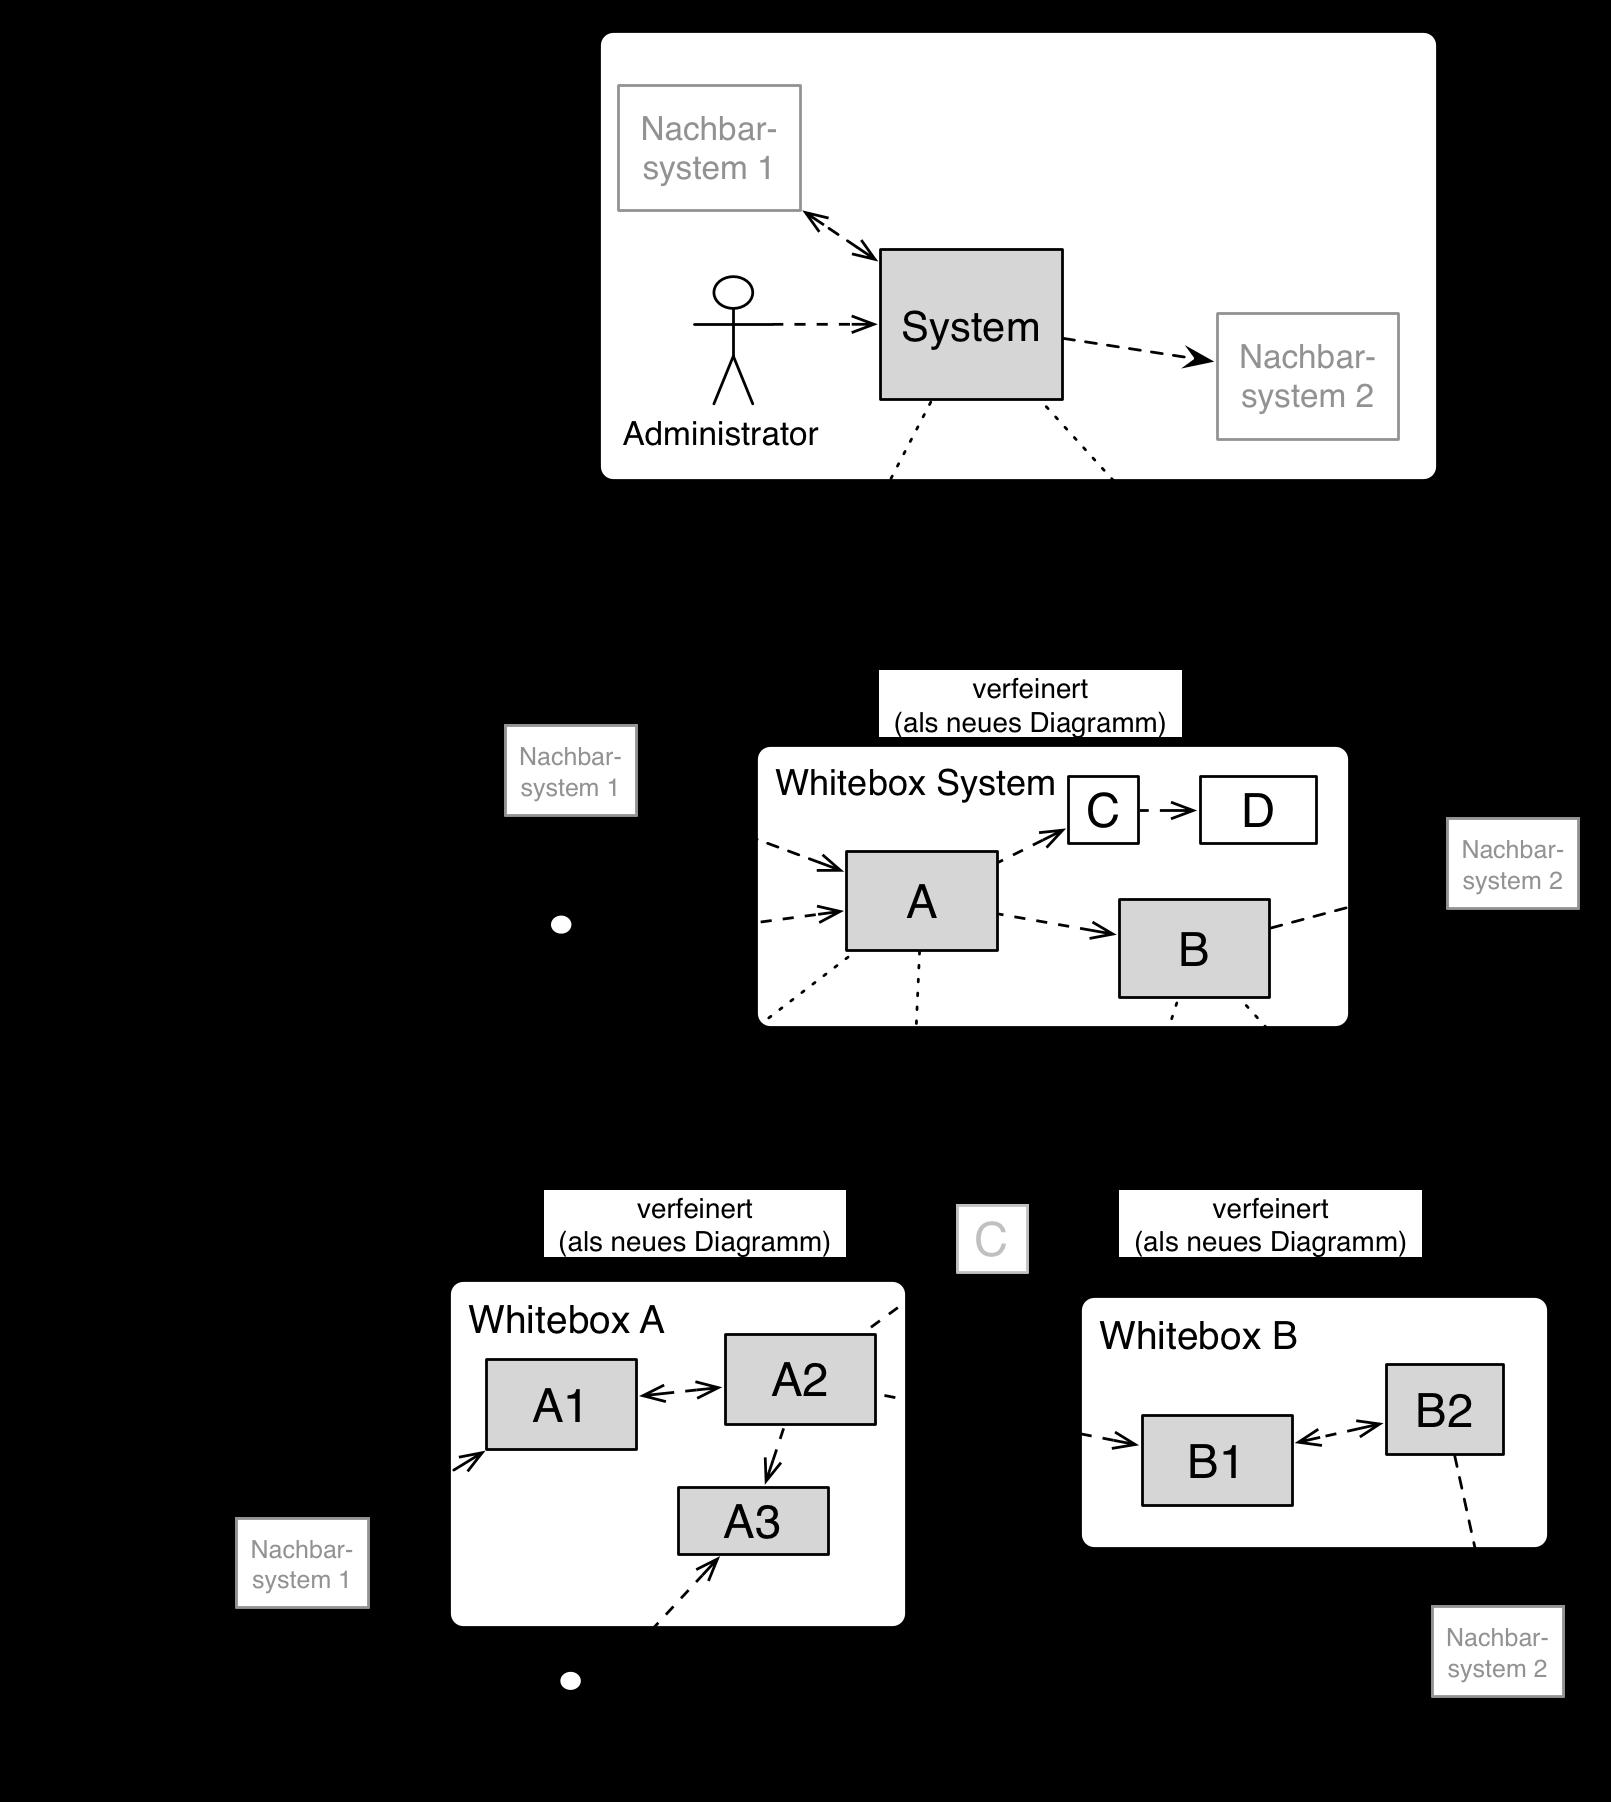 Architekturdokumentation